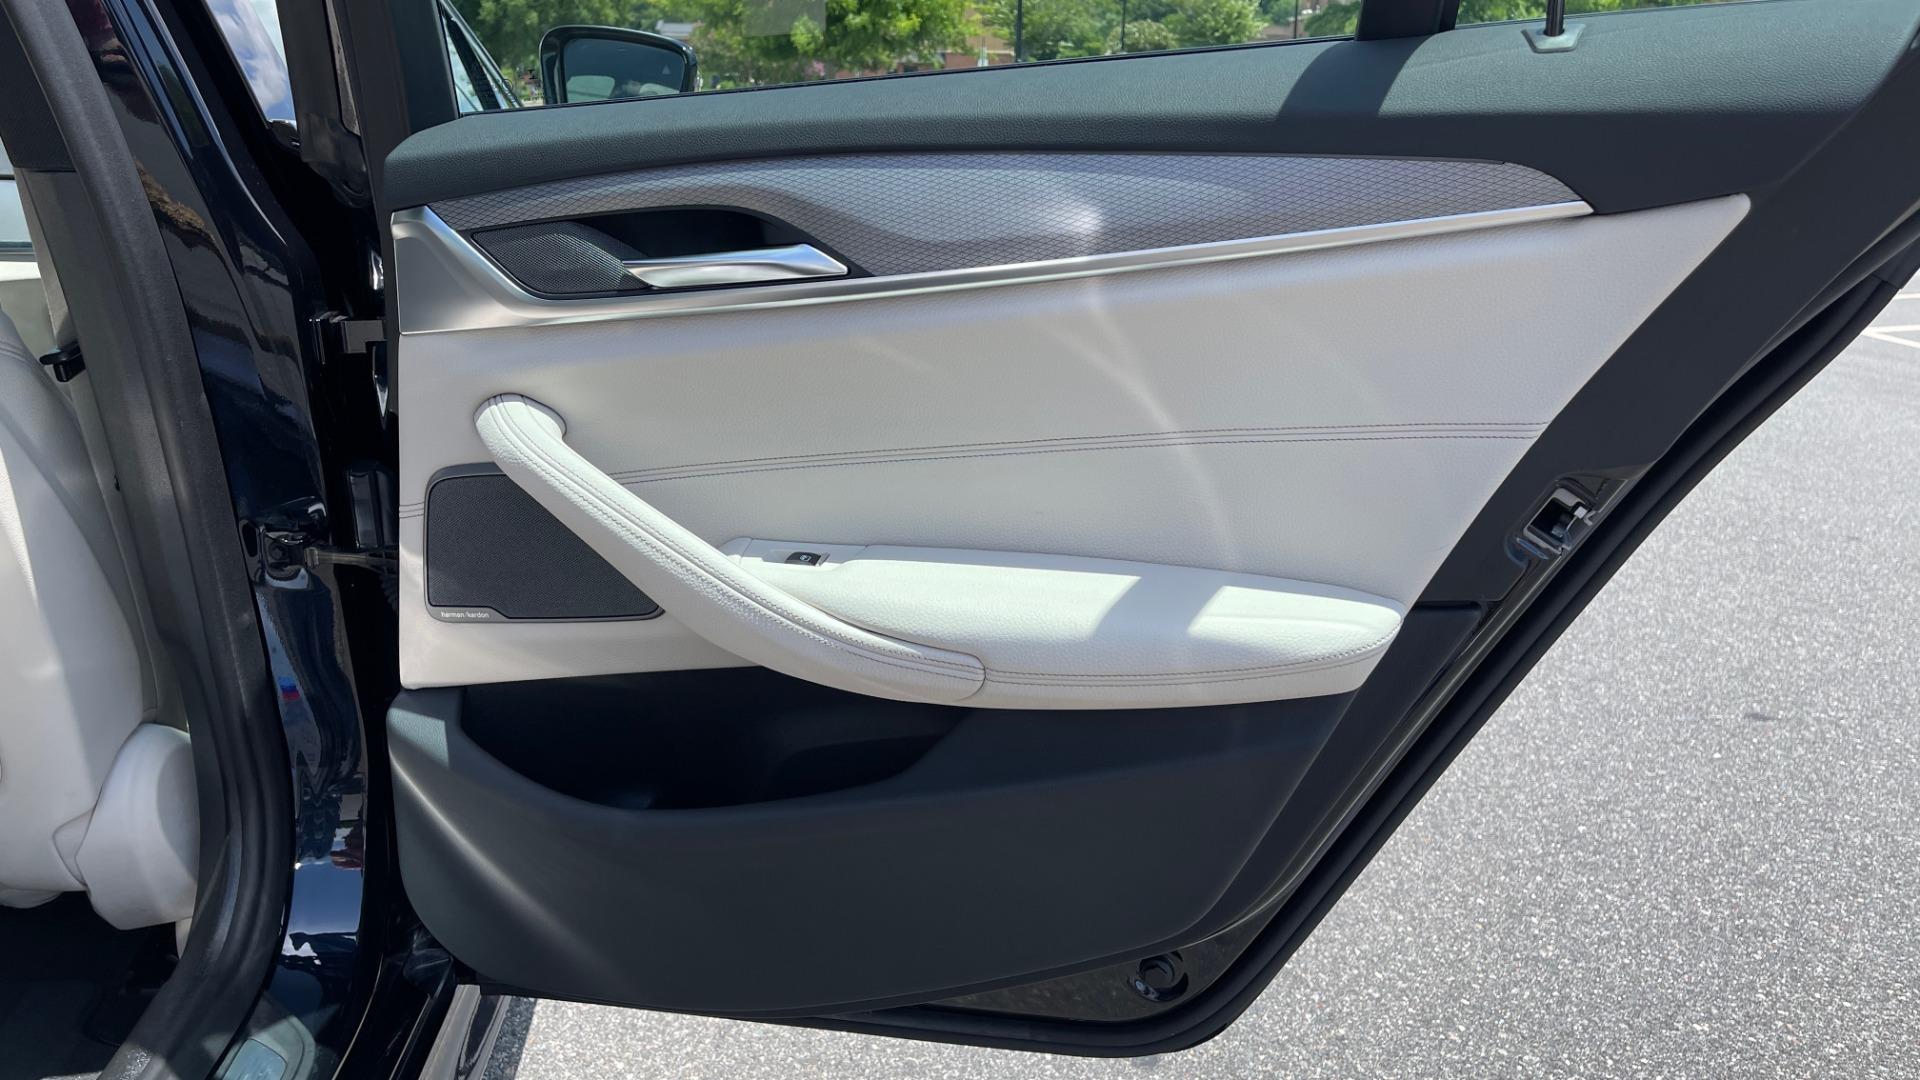 Used 2018 BMW 5 SERIES 540I M-SPORT / EXECUTIVE PKG / DRVR ASST PKG / BLIND SPOT / LANE DEPART for sale $40,995 at Formula Imports in Charlotte NC 28227 65